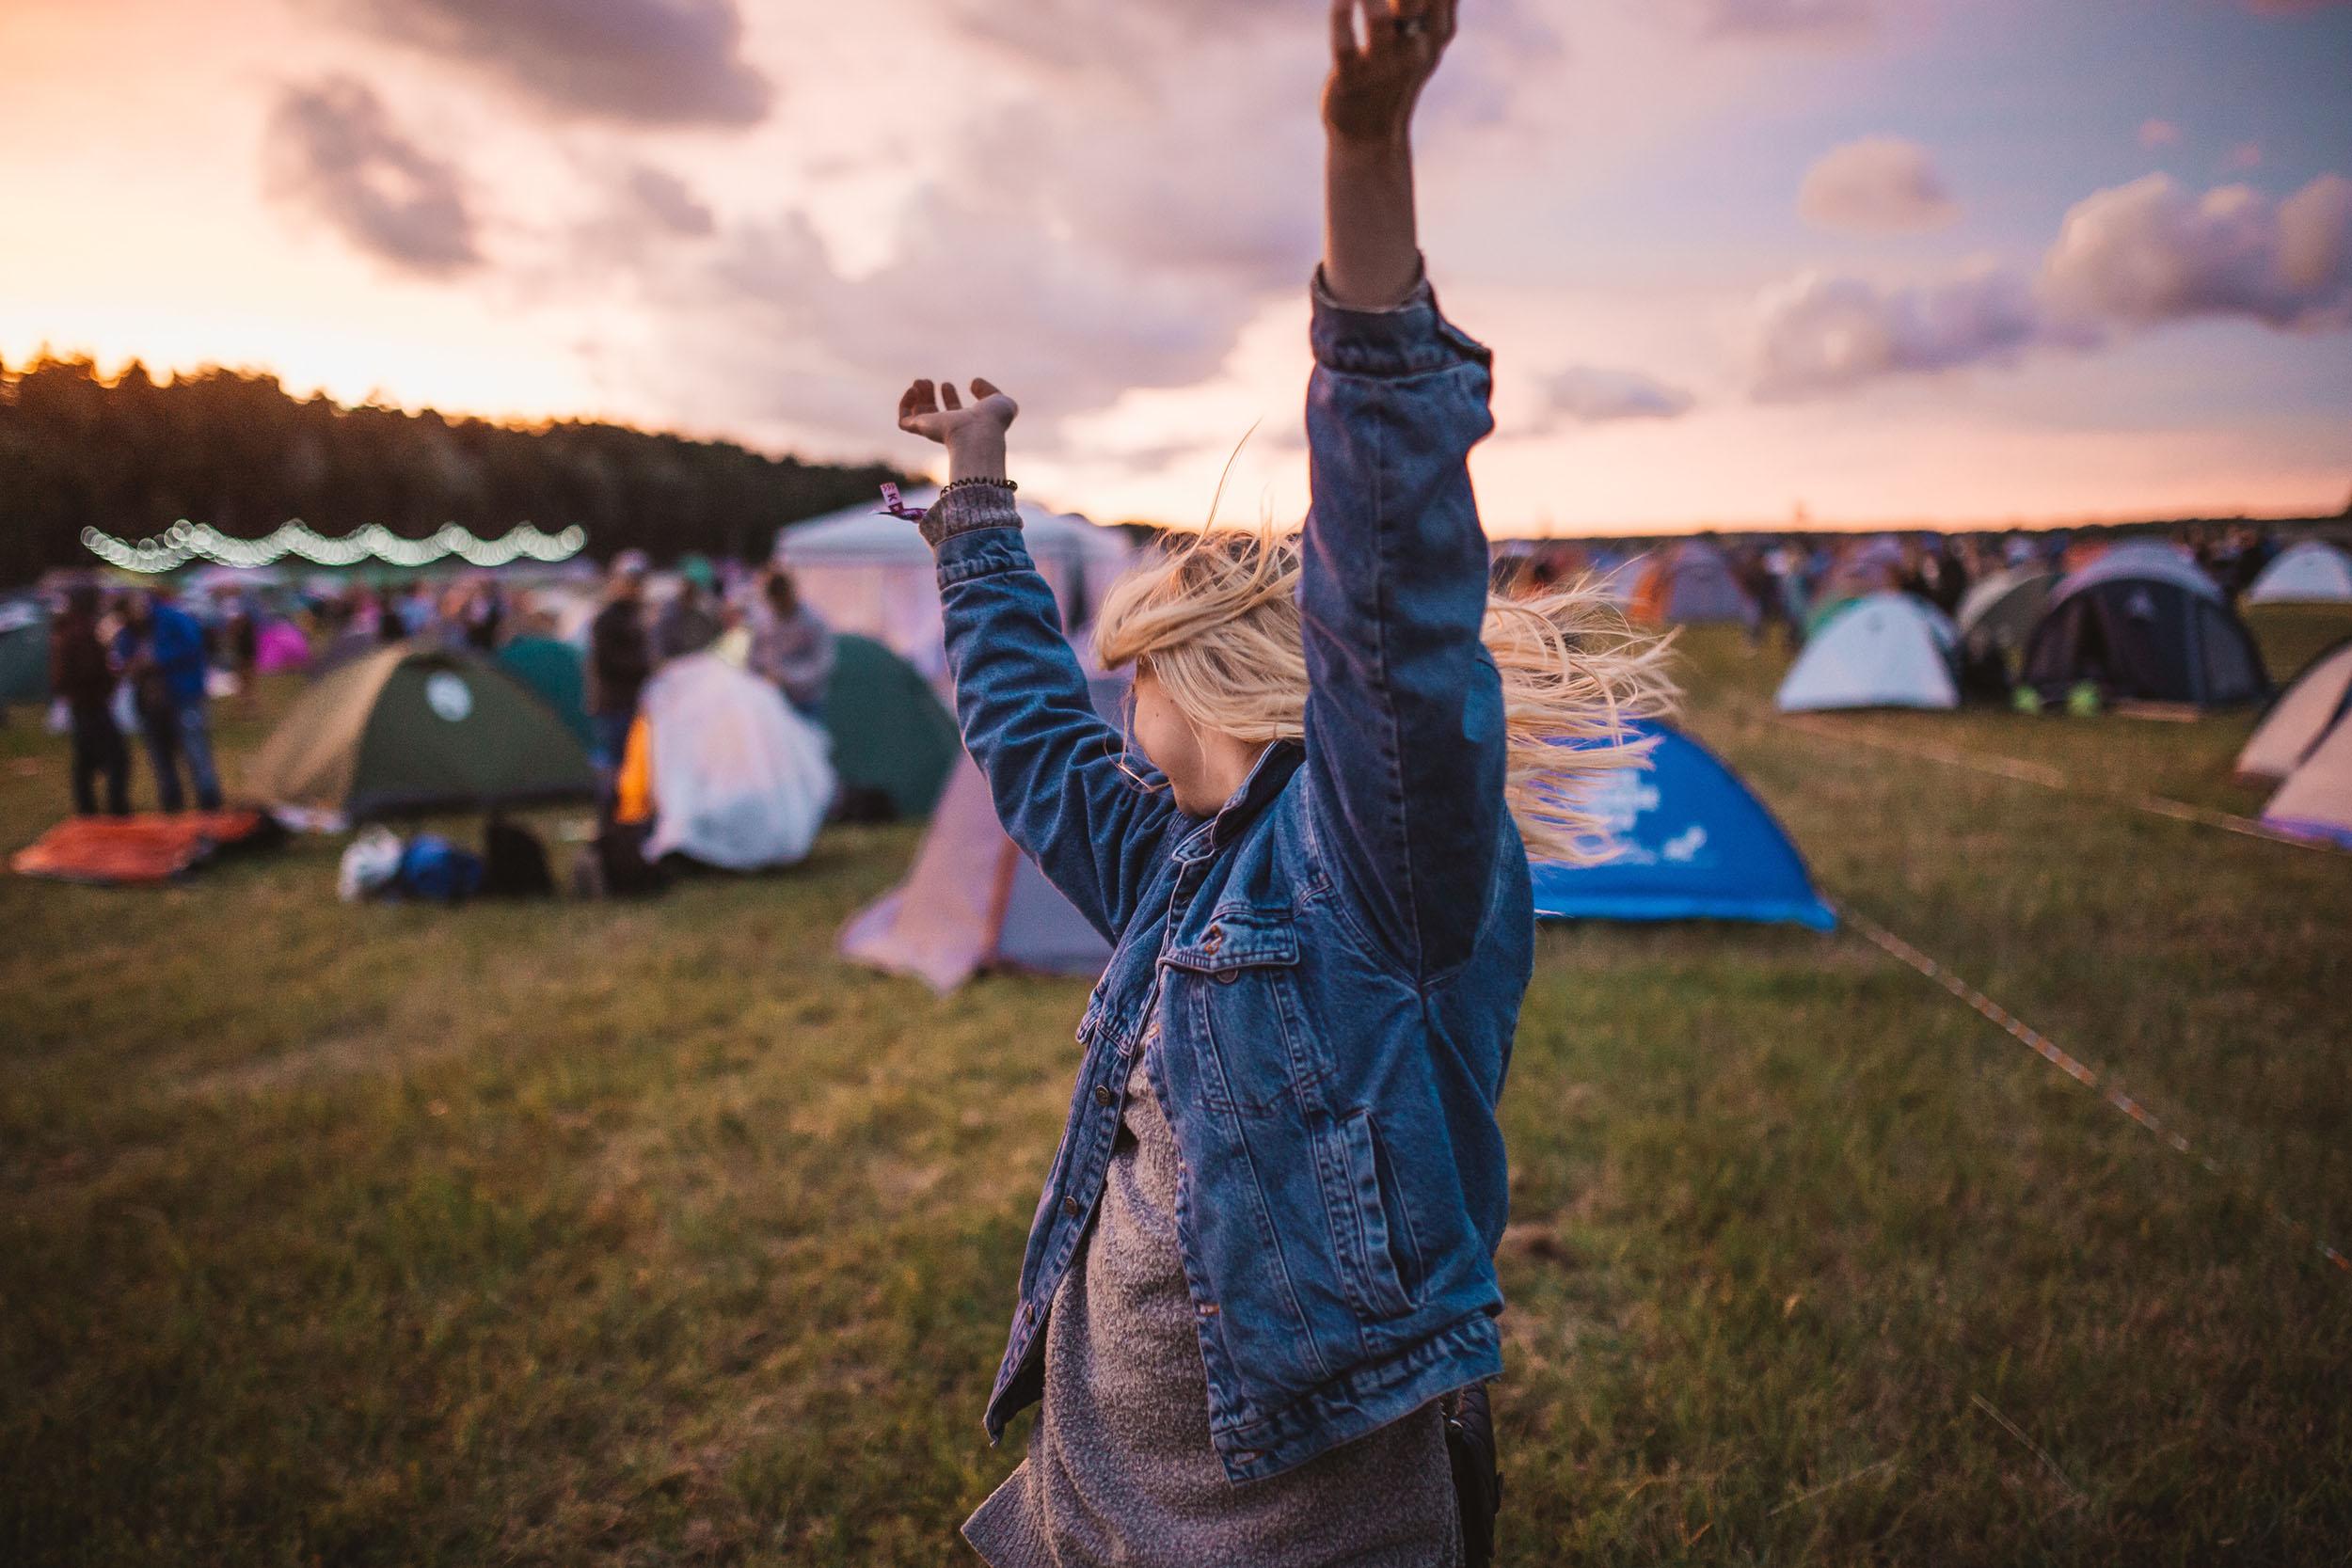 Dormir num festival de verão